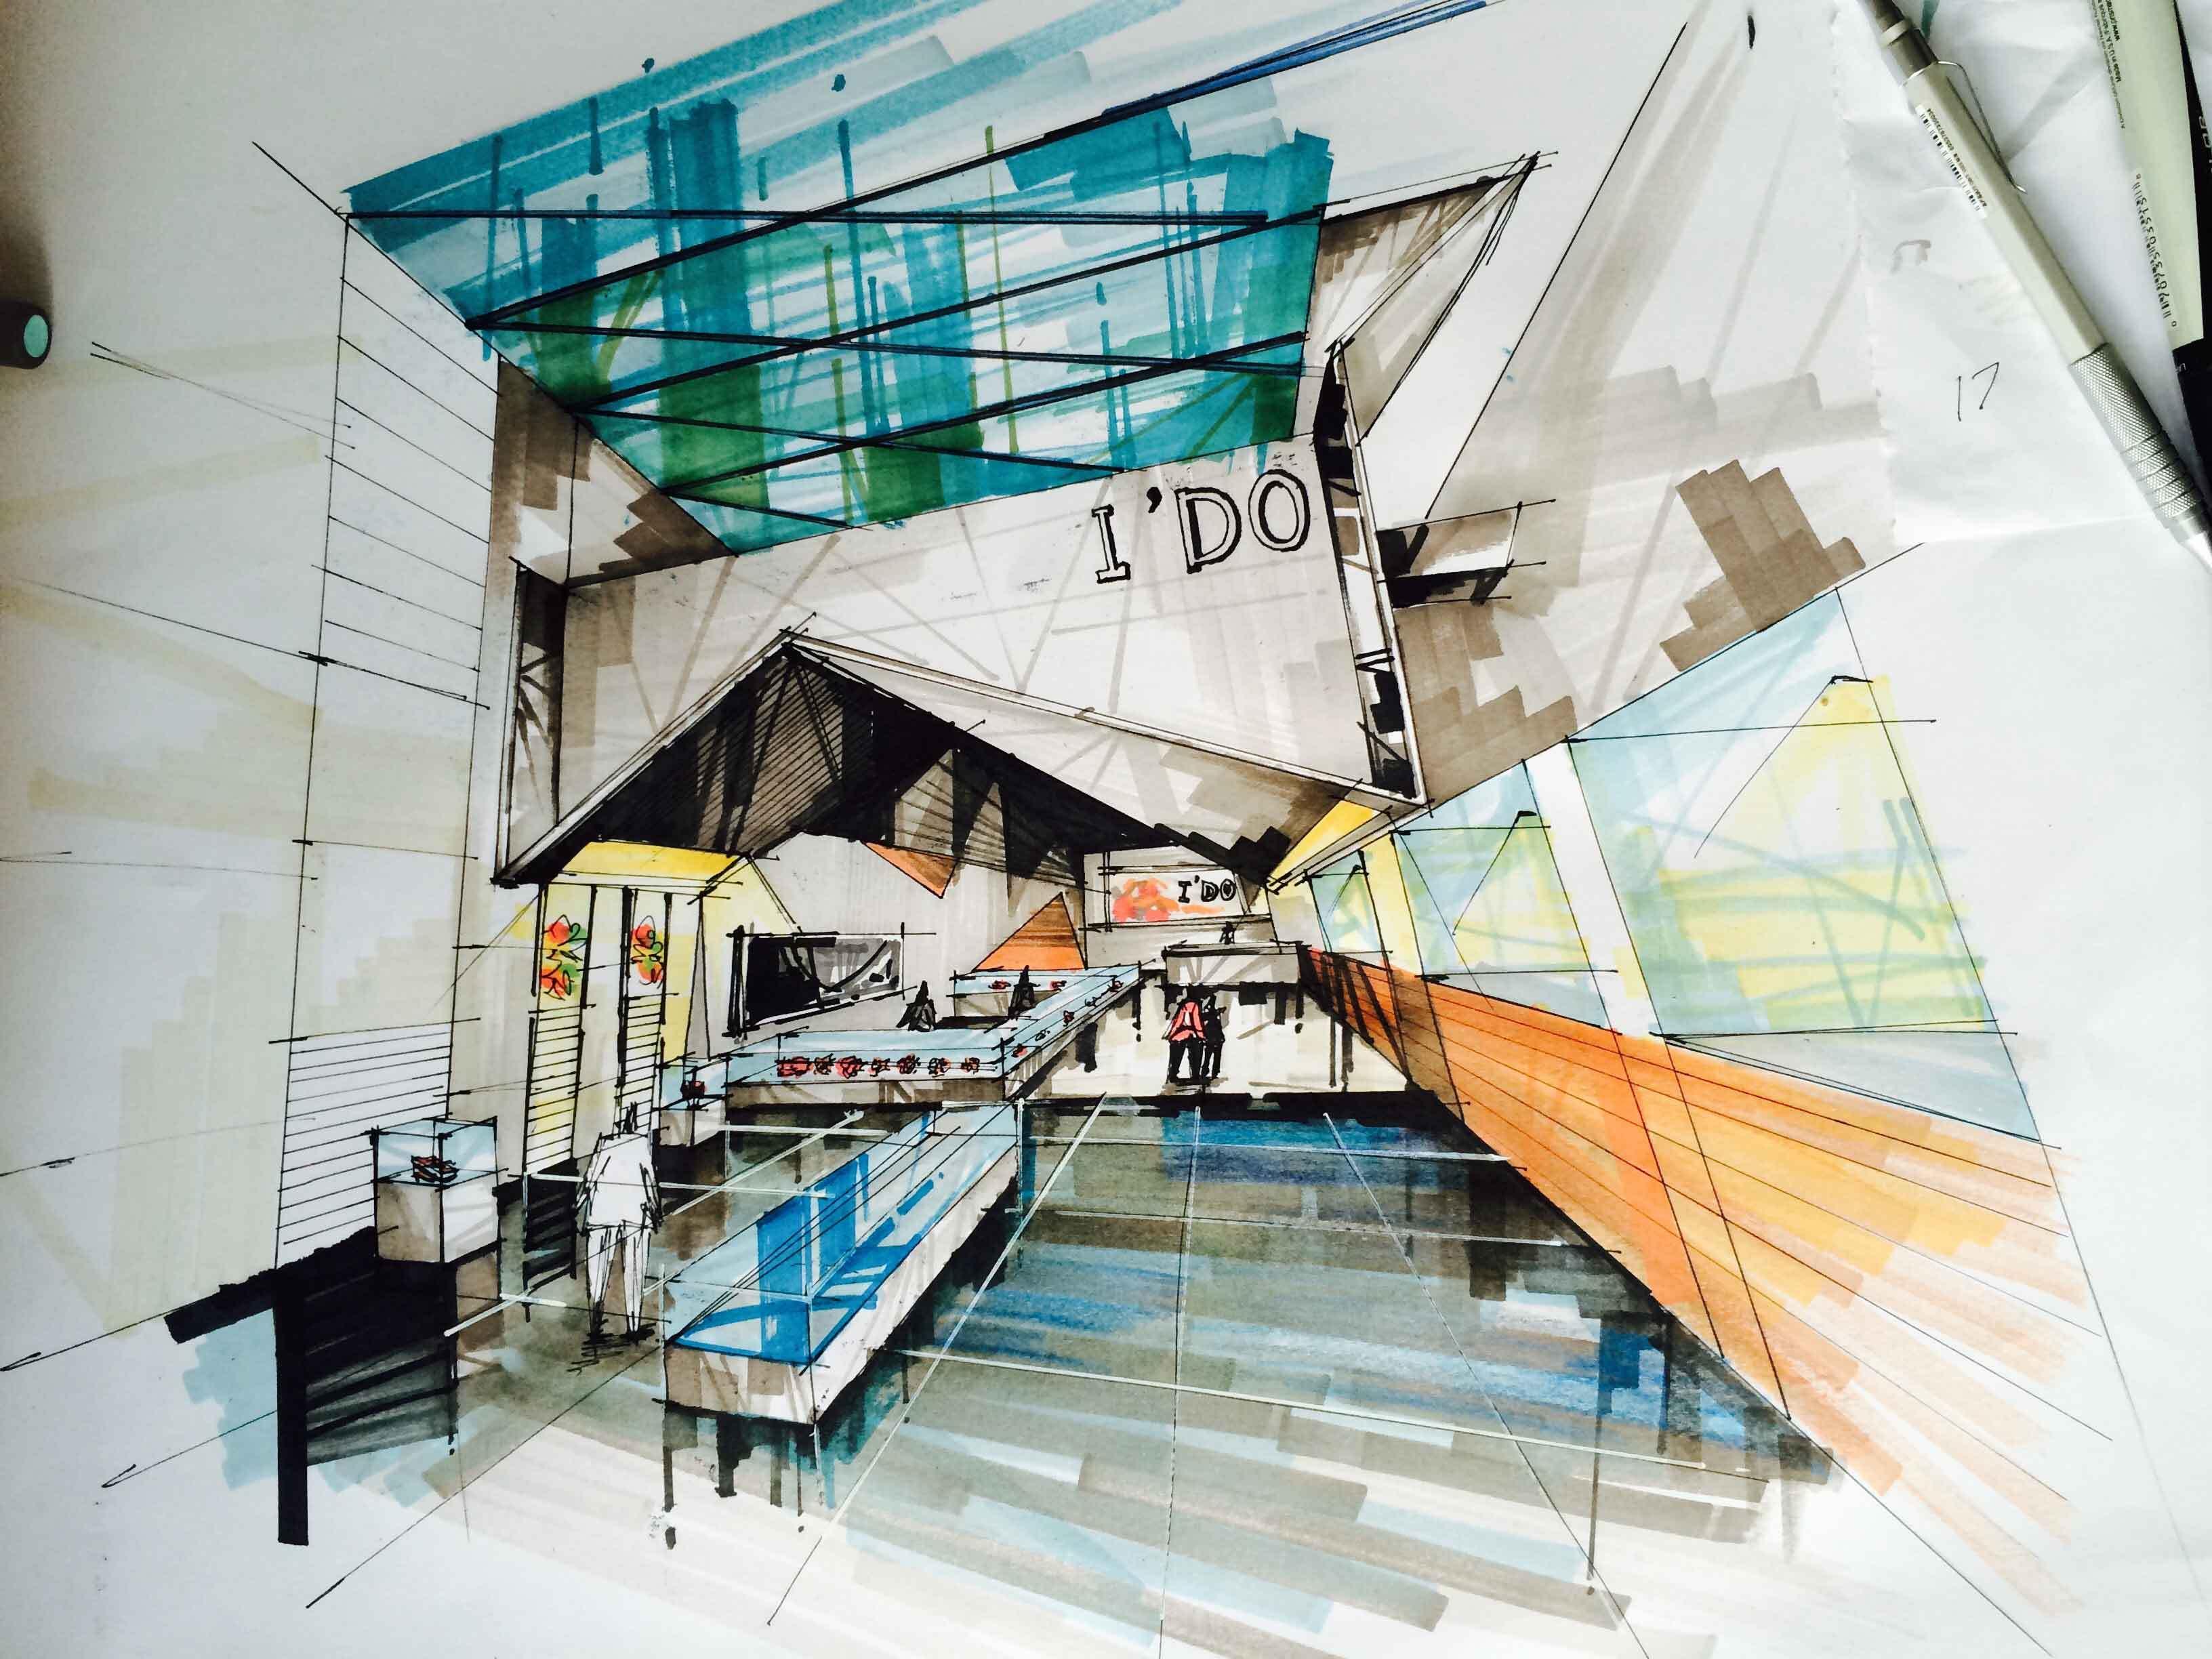 室内手绘 空间 室内设计 牛东海 - 原创作品 - 站酷